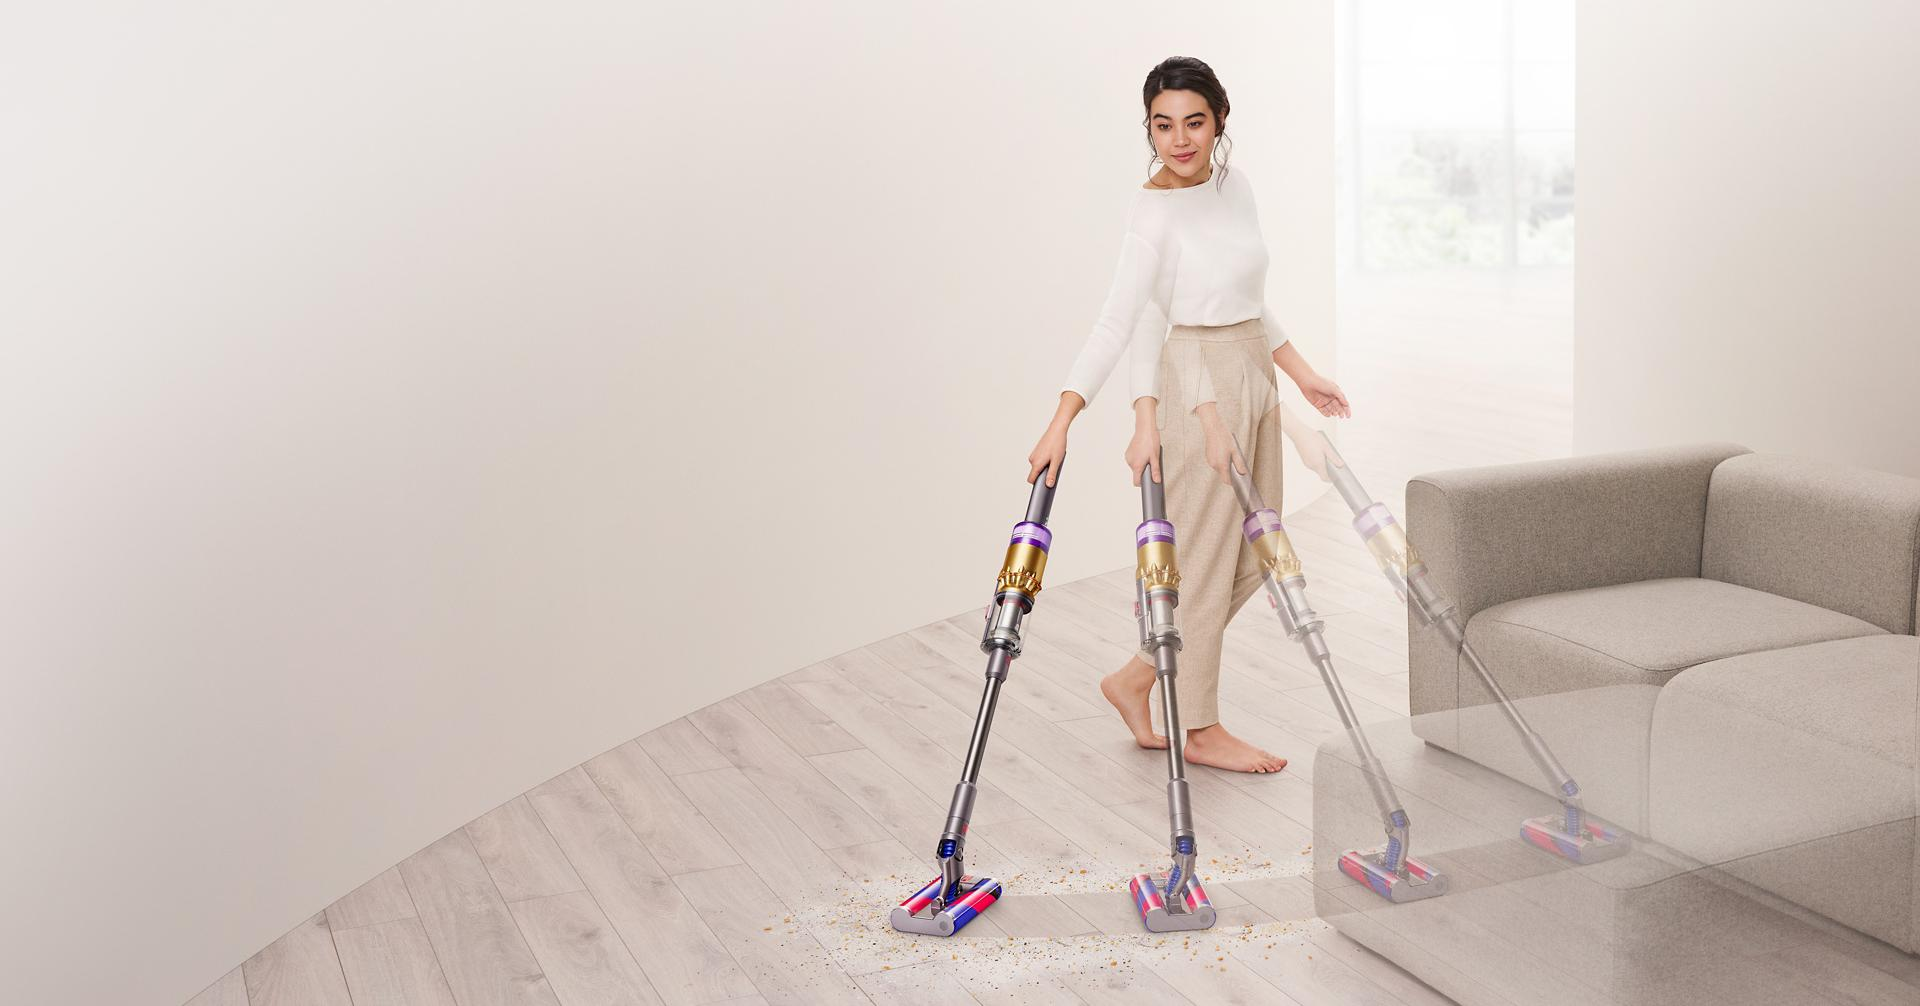 다이슨 옴니-글라이드™ 무선 청소기로 소파 주변의 마룻바닥을 청소하는 여성.